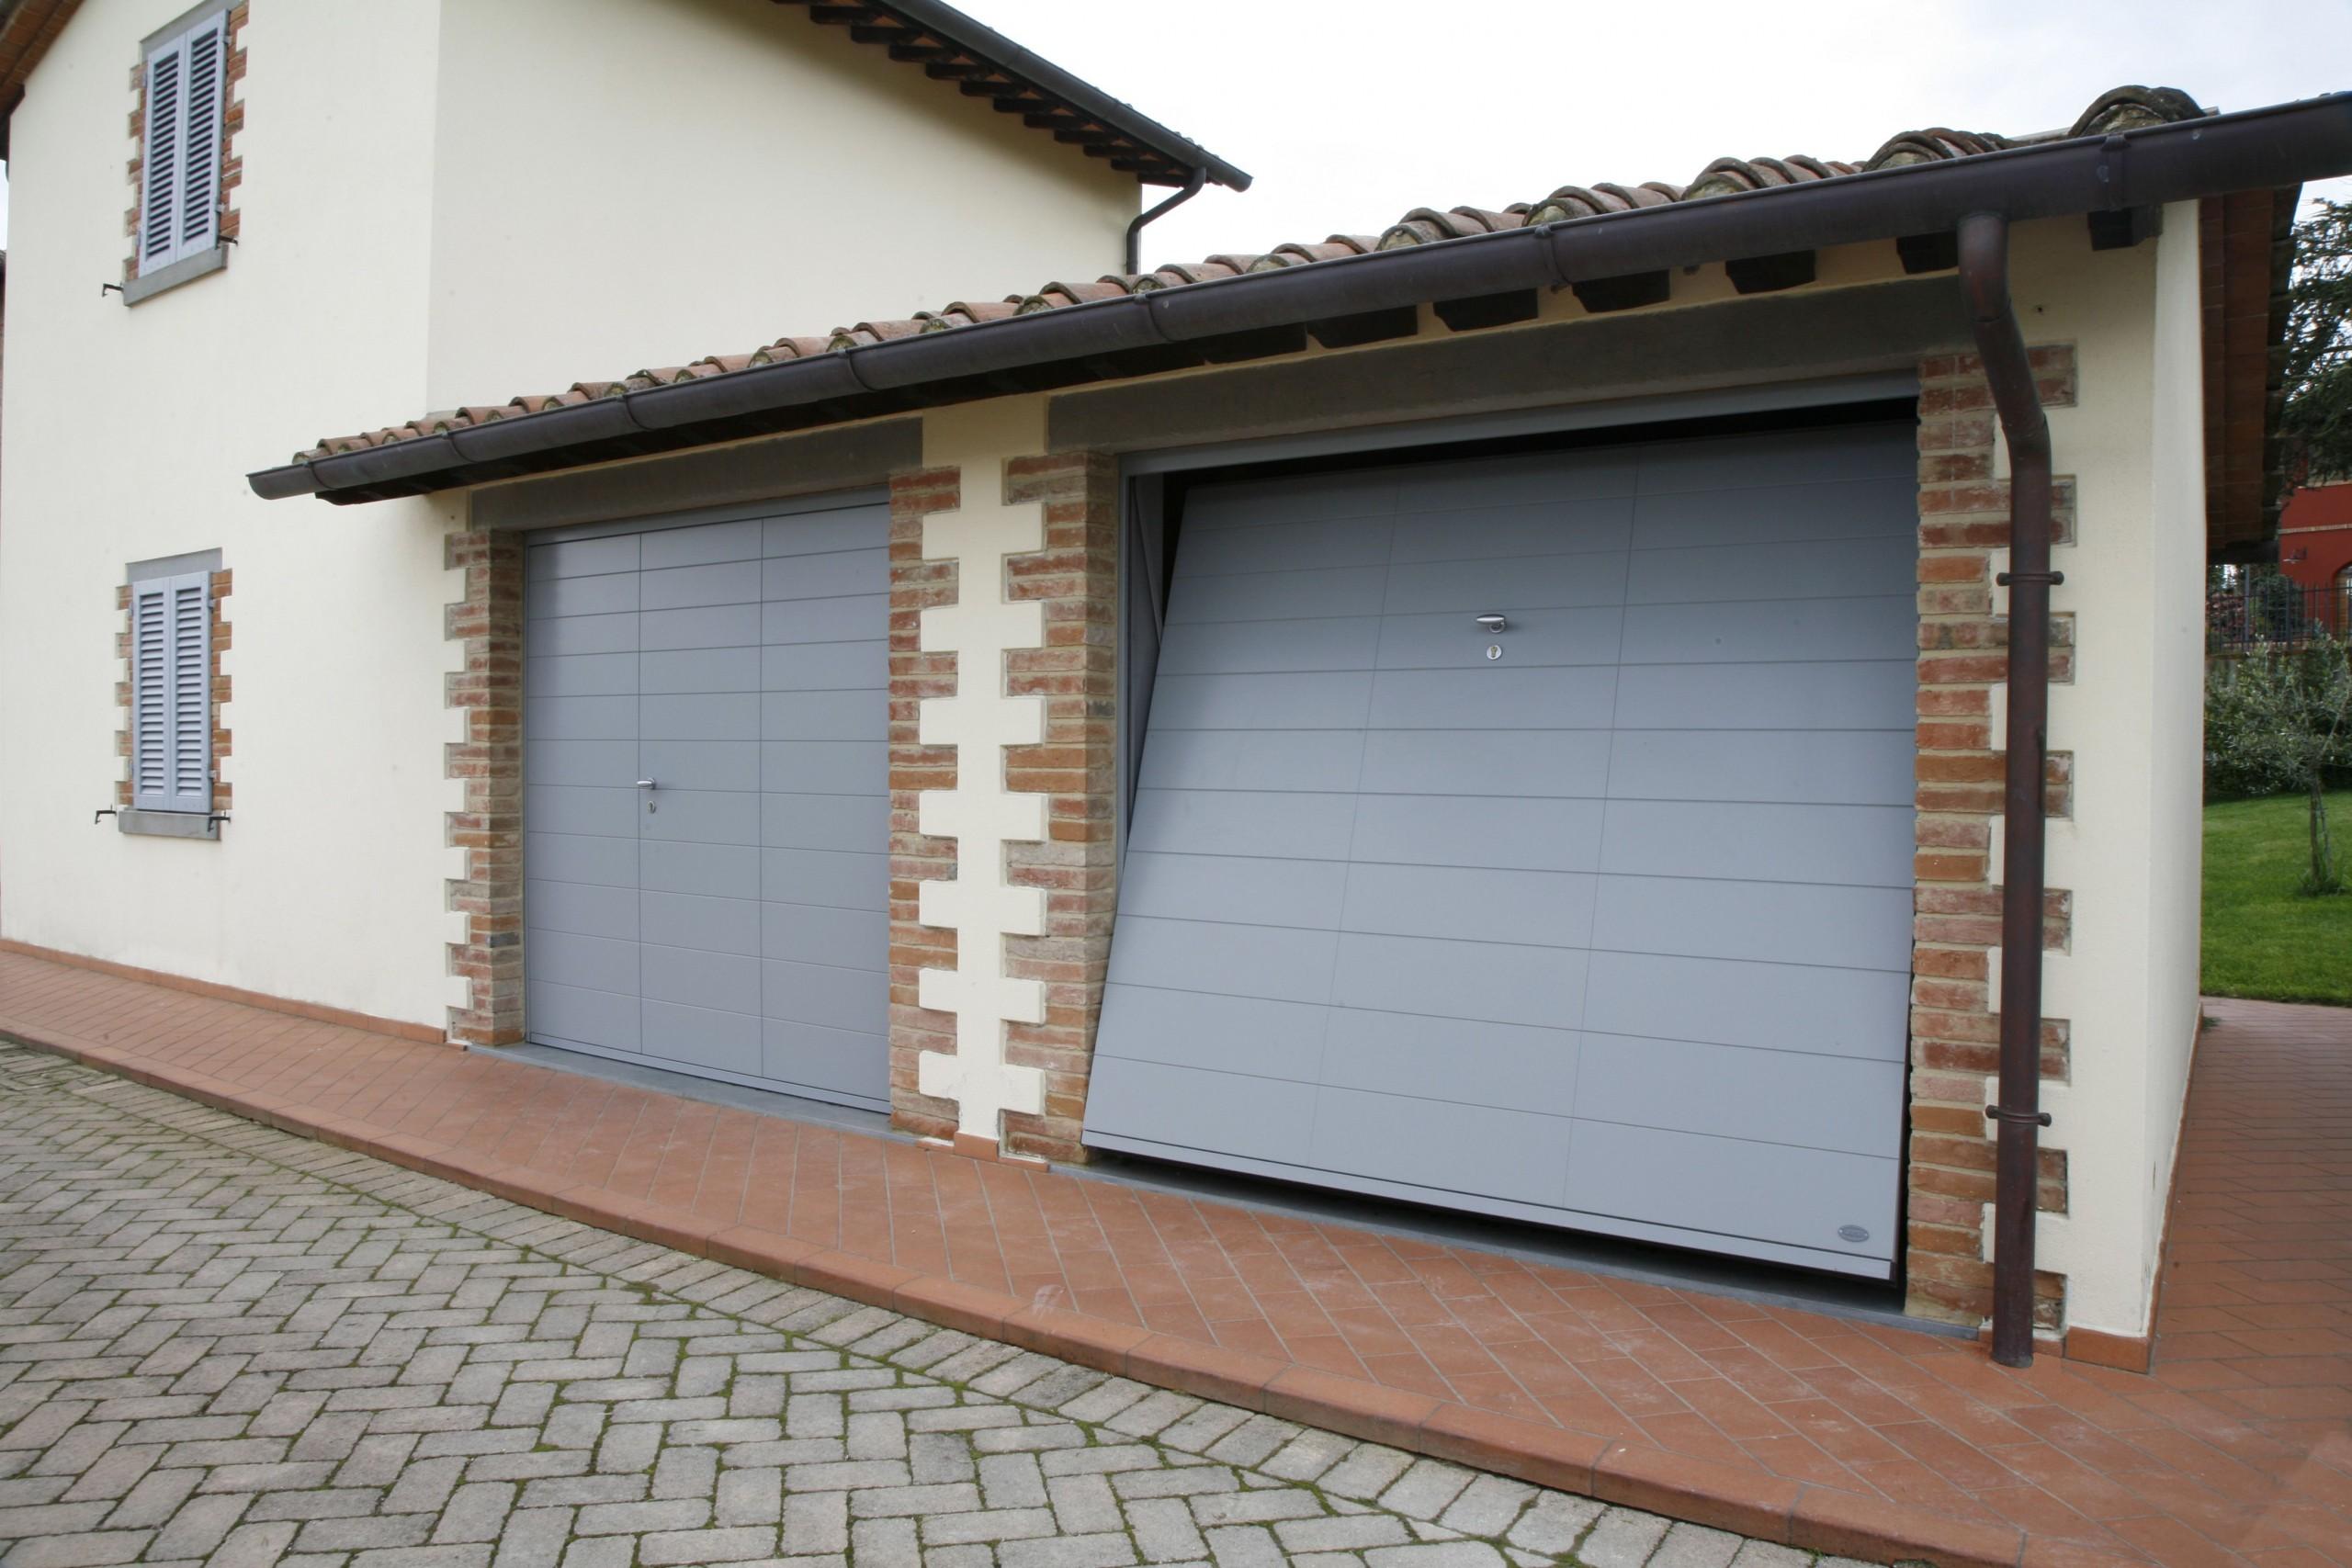 Trasformare Un Garage In Abitazione cambio di destinazione d'uso da garage in appartamento